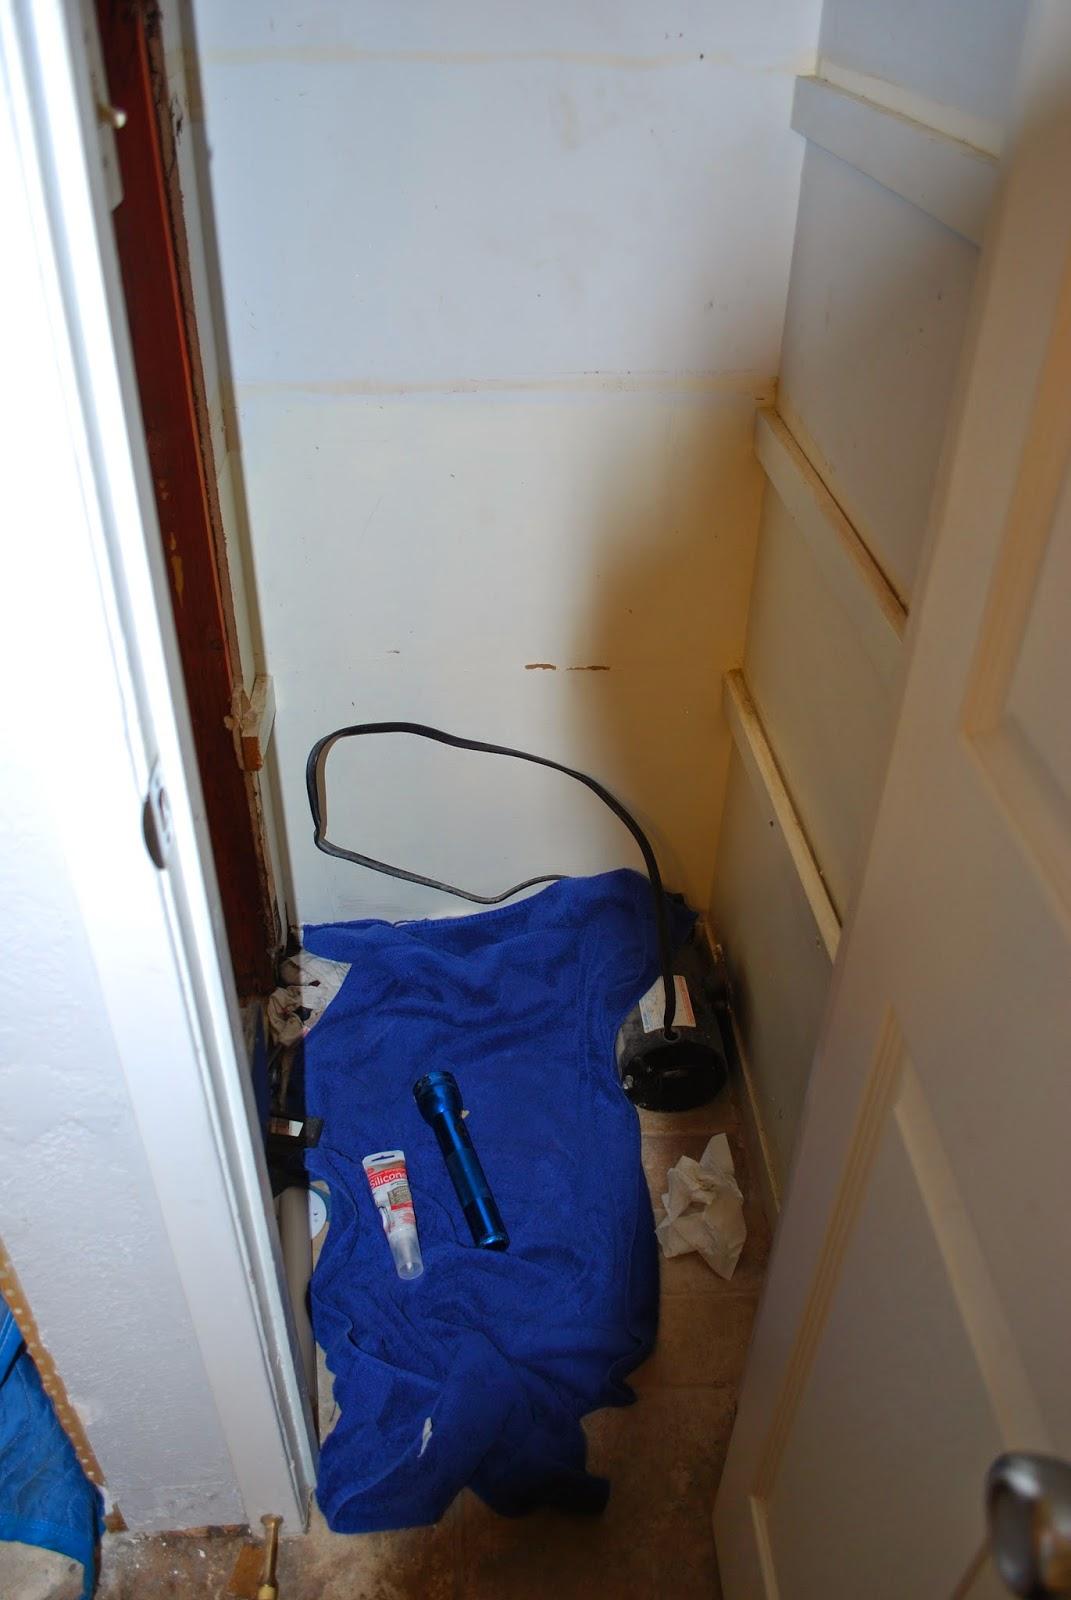 seal plumbing under tub